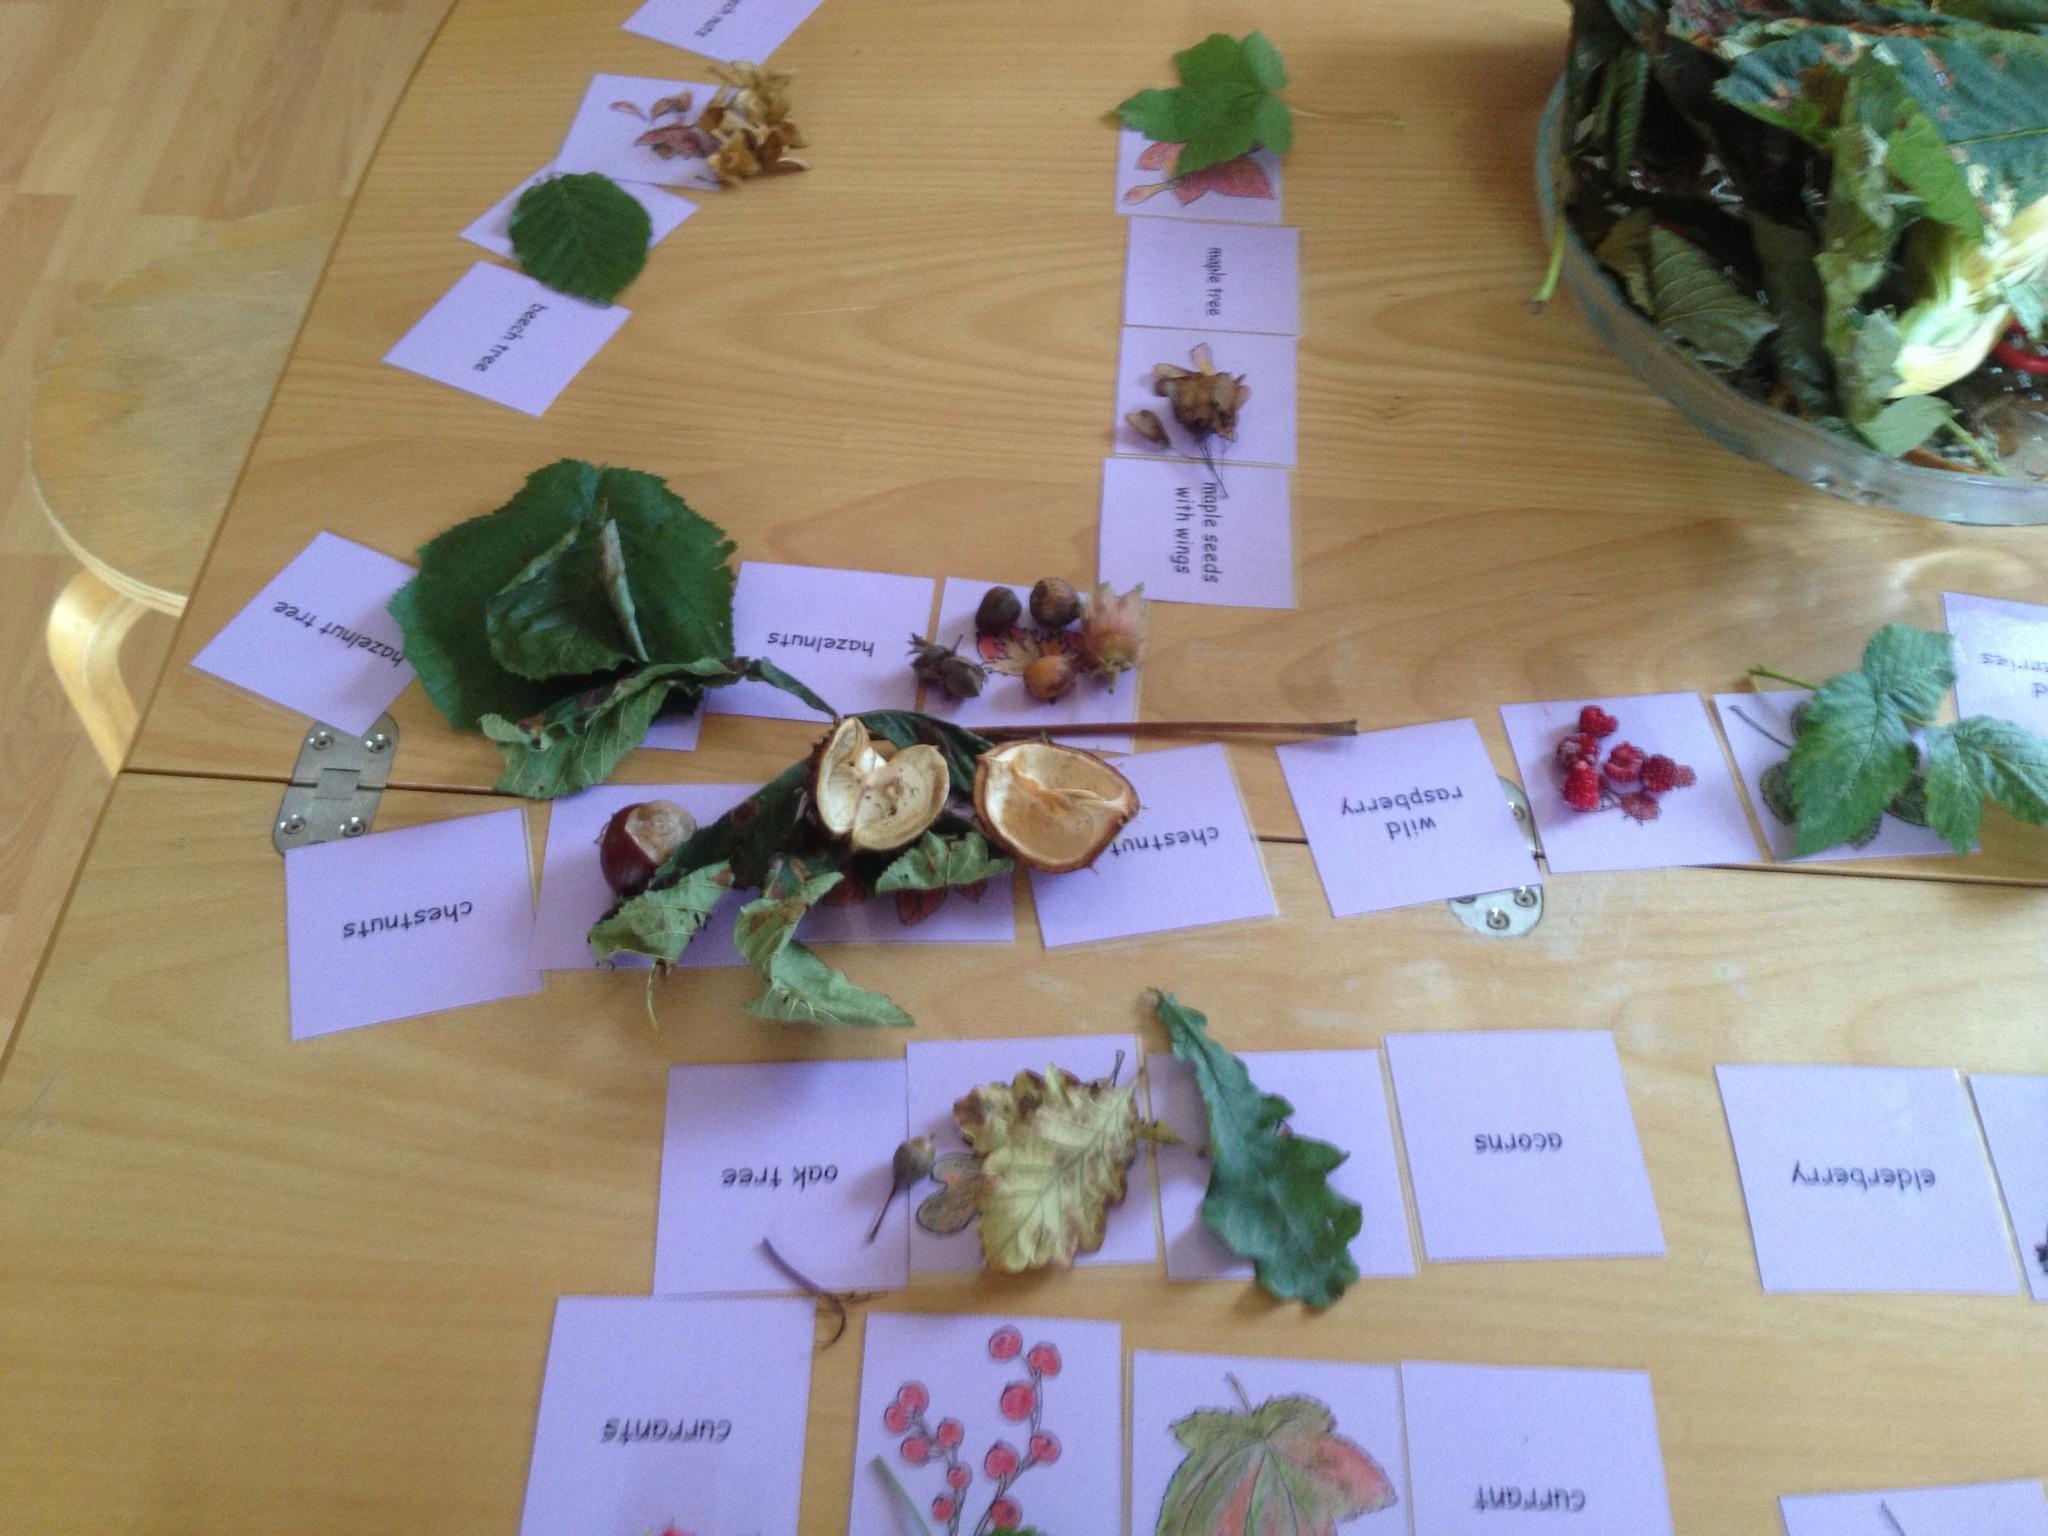 Gegenstände aus dem Wald benennen lernen